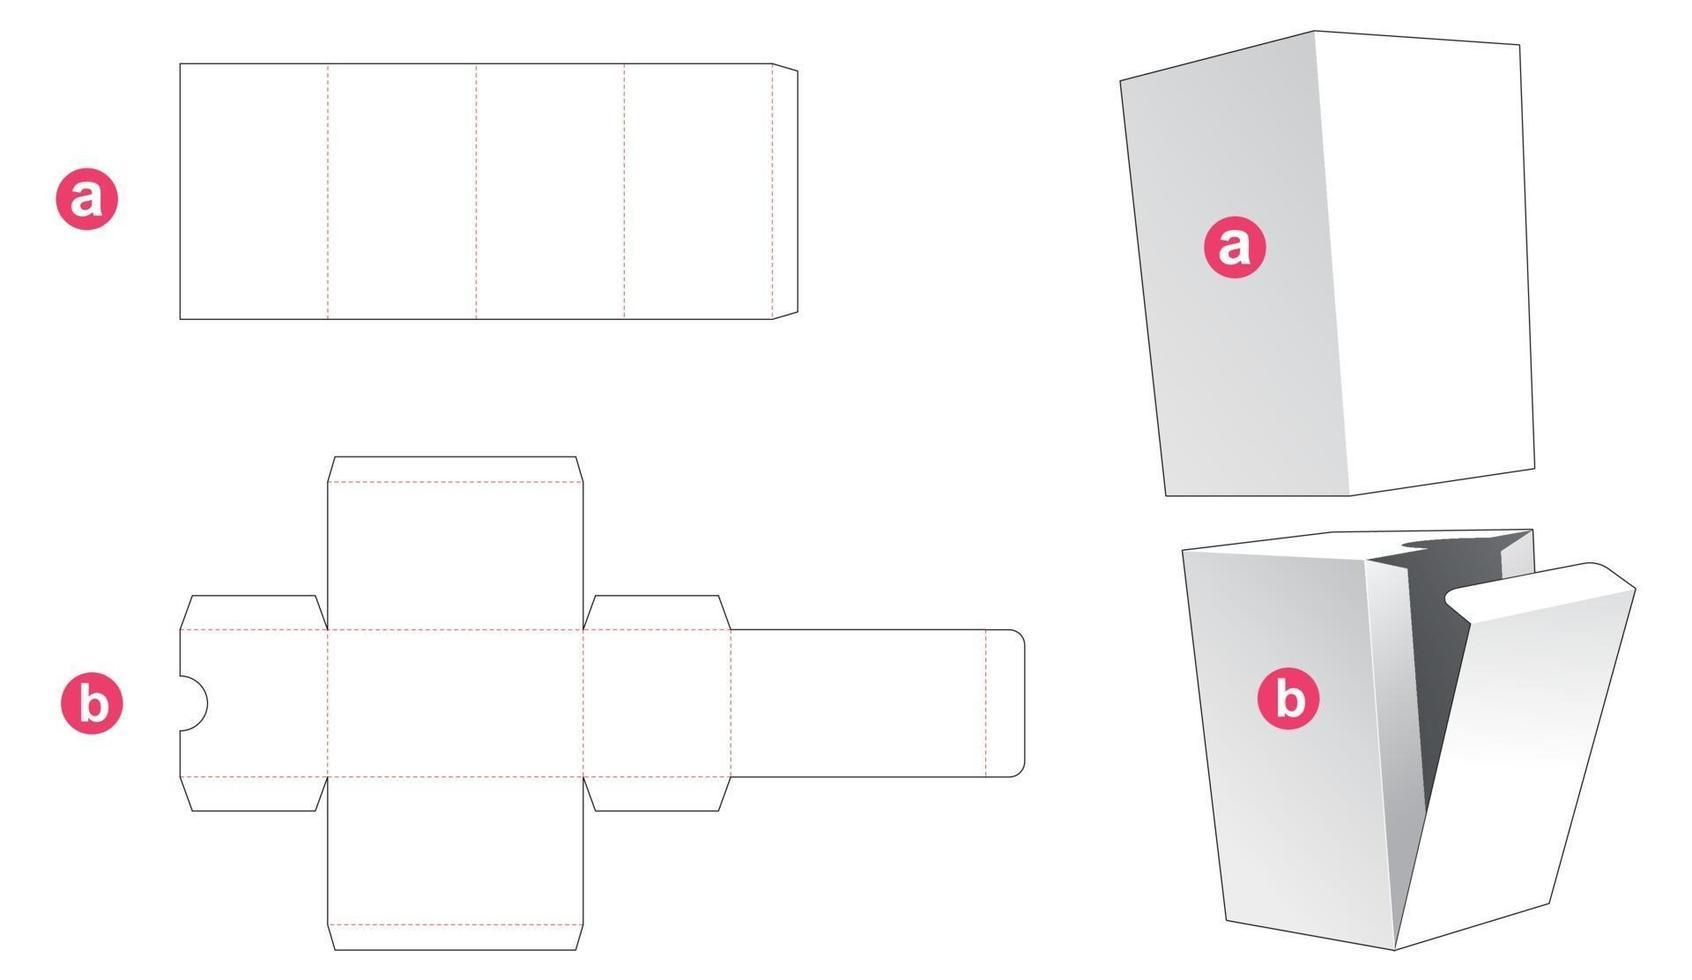 caixa simples de papelão e molde de tampa recortada vetor